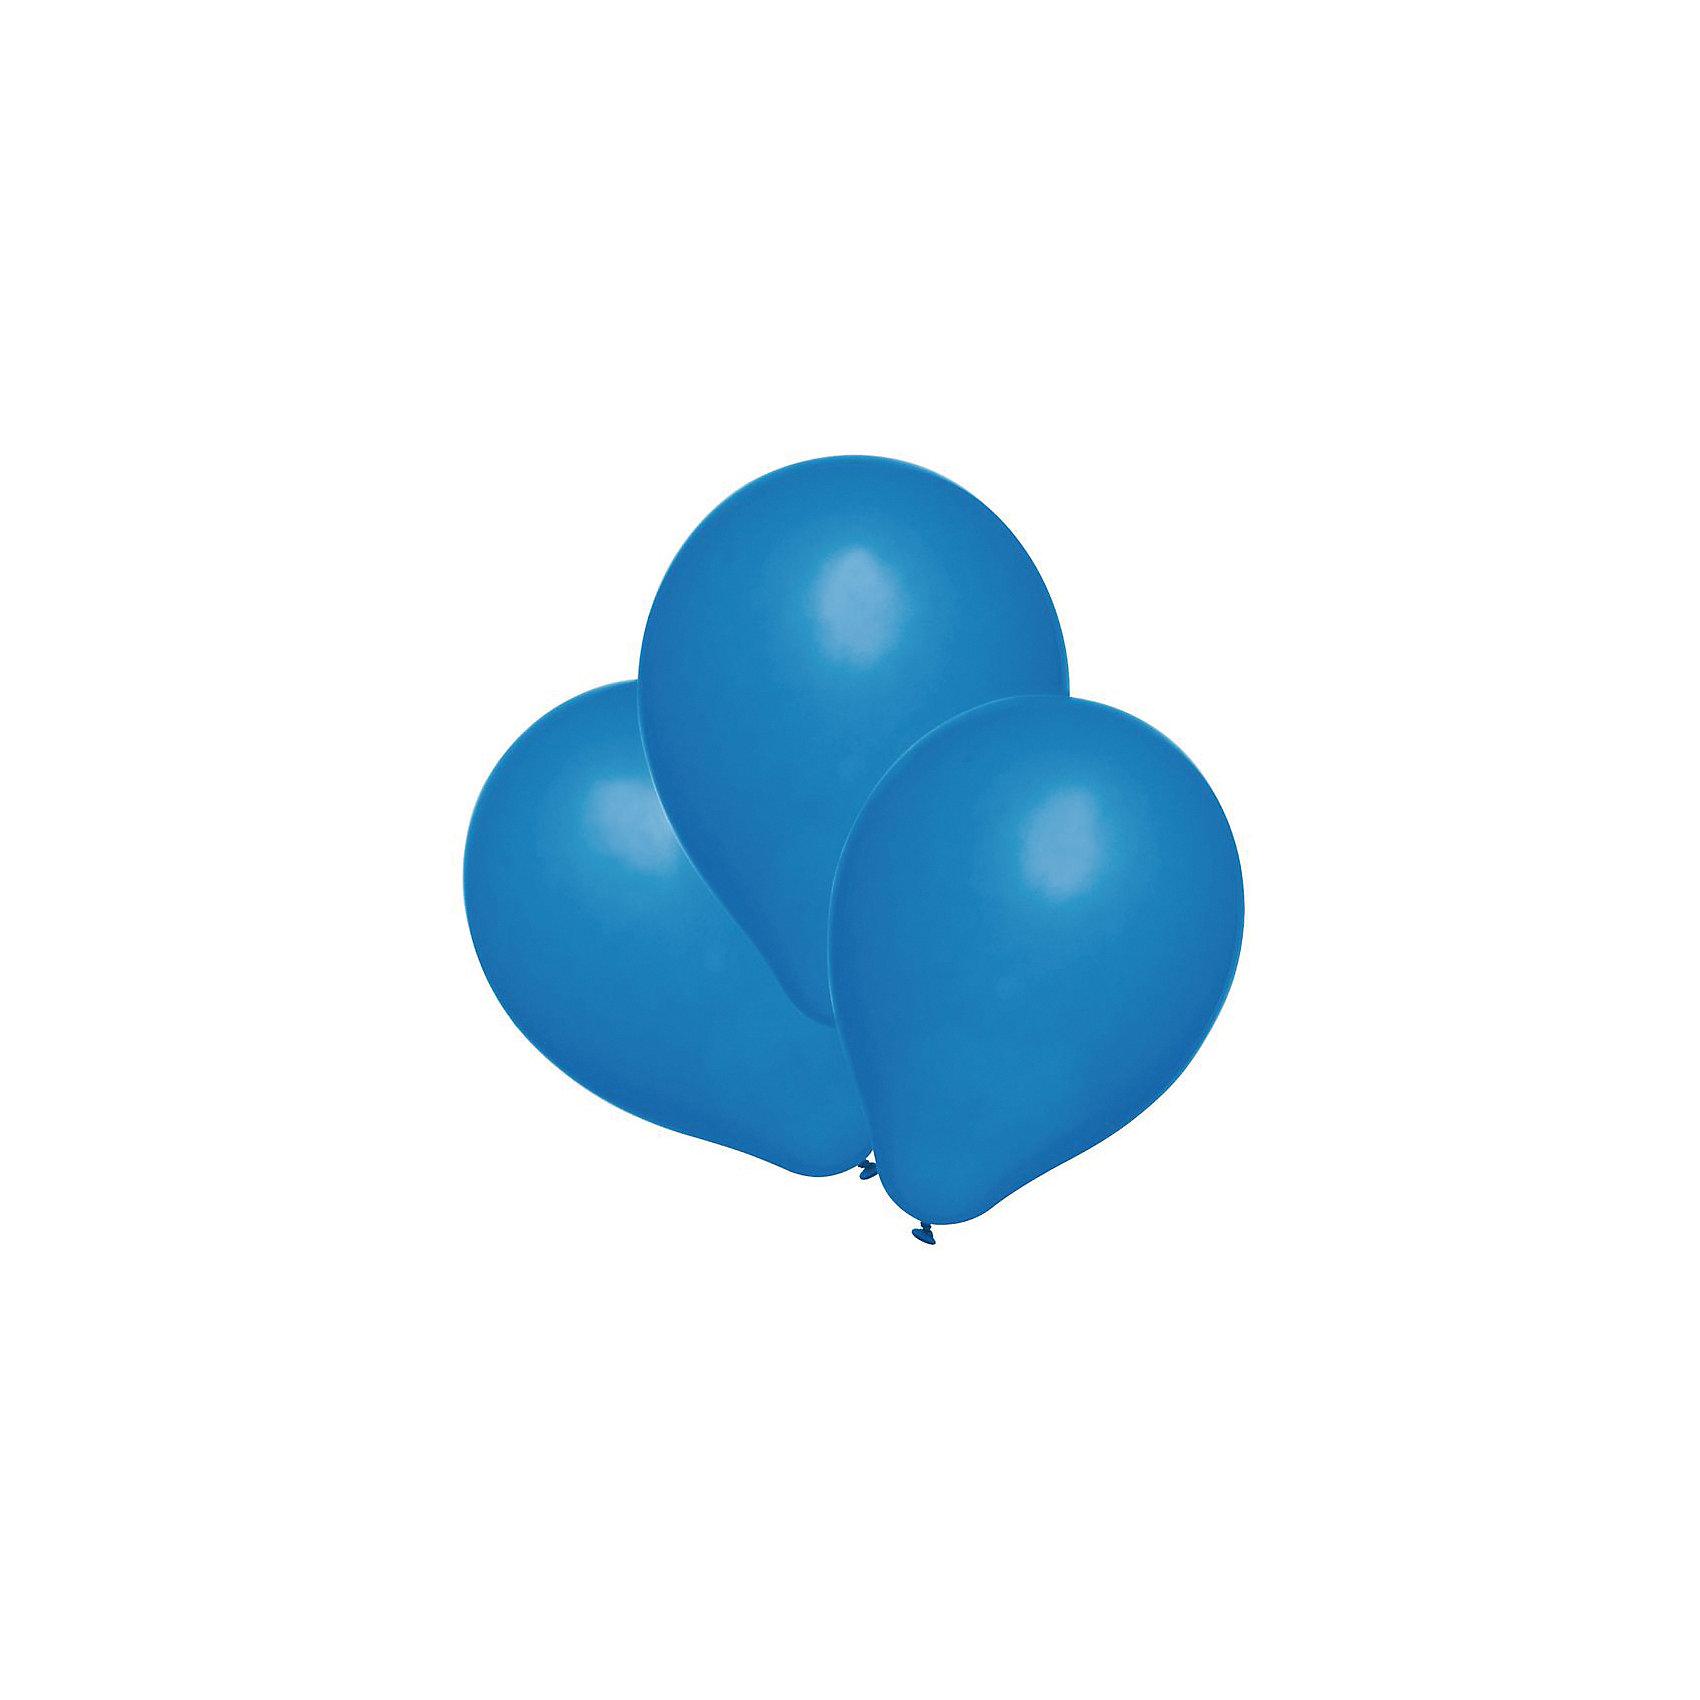 Шары воздушные, 25 шт, синиеВсё для праздника<br>Характеристики товара:<br><br>• возраст: от 3 лет<br>• цвет:  синий<br>• материал: биоразлагаемый латекс<br>• размер упаковки: 3х13х20 см<br>•  для надувания гелием или воздухом<br>• комплектация: 25 шт<br>• вес: 50 г<br>• страна бренда: Германия<br>• страна изготовитель: Германия<br><br>Синие воздушные шары добавят красок во время празднования дня рождения или свадьбы.<br><br>Изделие произведено из безопасного для детей материала.<br><br>Шары воздушные, 25 шт,  синие, от бренда Herlitz (Херлиц) можно купить в нашем интернет-магазине.<br><br>Ширина мм: 30<br>Глубина мм: 128<br>Высота мм: 200<br>Вес г: 56<br>Возраст от месяцев: 36<br>Возраст до месяцев: 2147483647<br>Пол: Унисекс<br>Возраст: Детский<br>SKU: 6886496